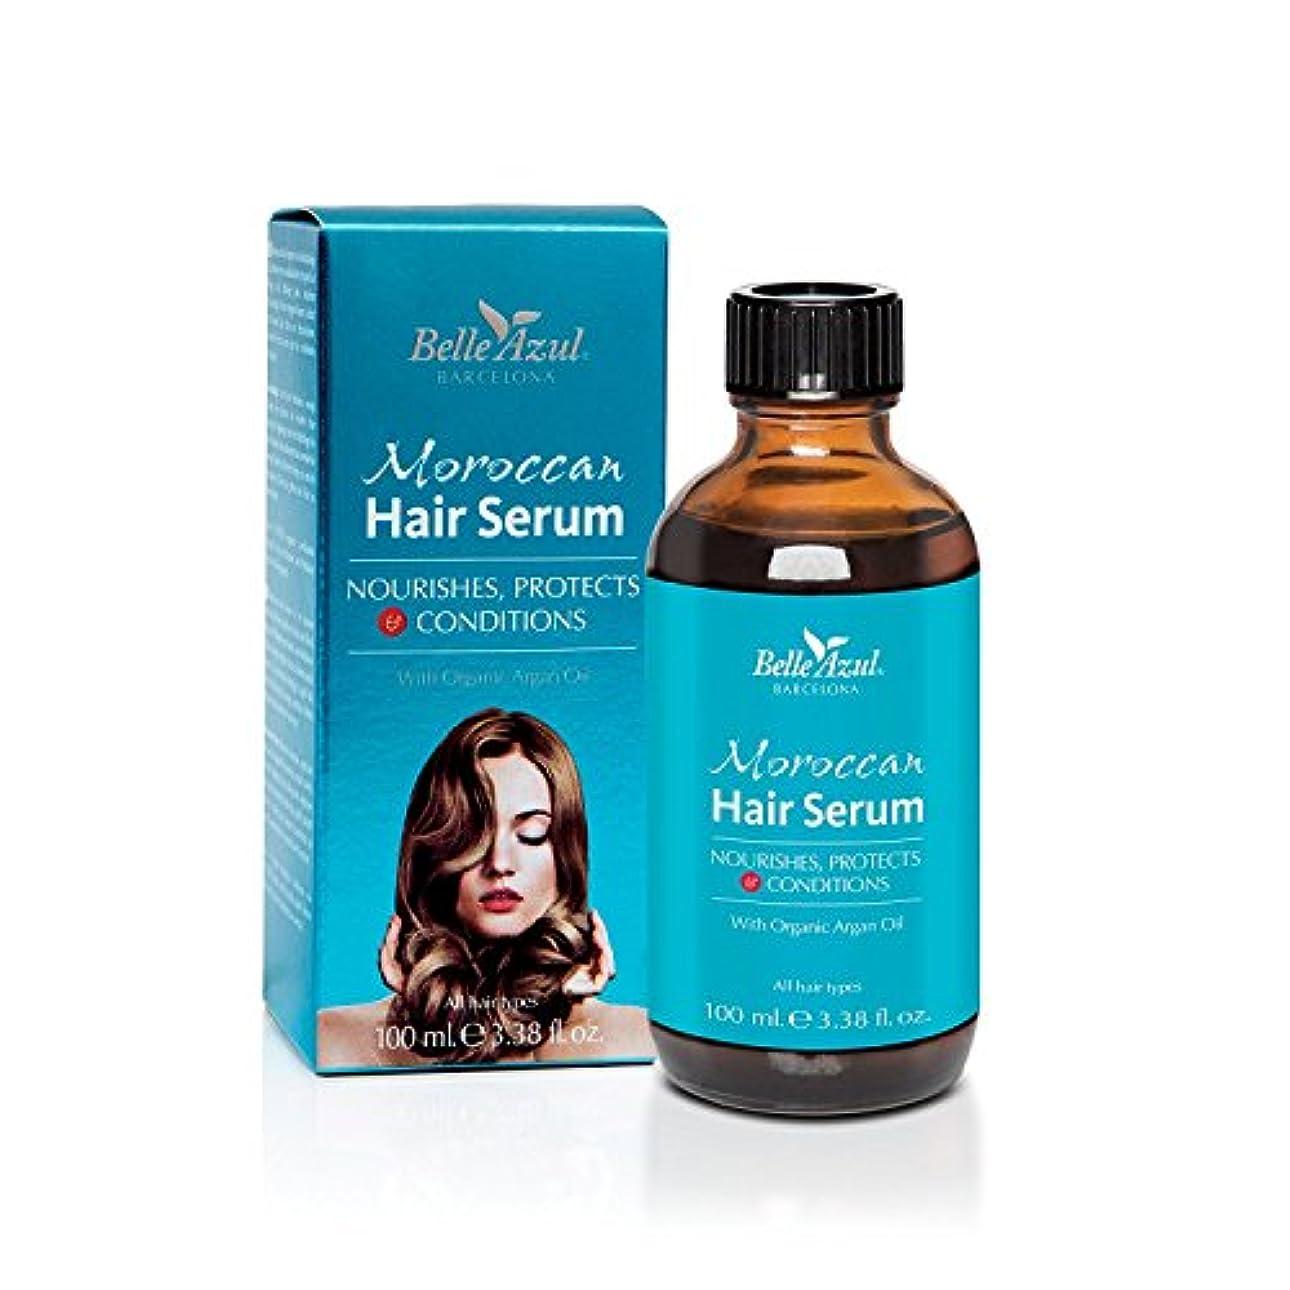 椅子ハンディキャップ手段ベルアスール (Belle Azul) モロッカン ヘア セラム 髪用 美容液 アルガンオイル 配合